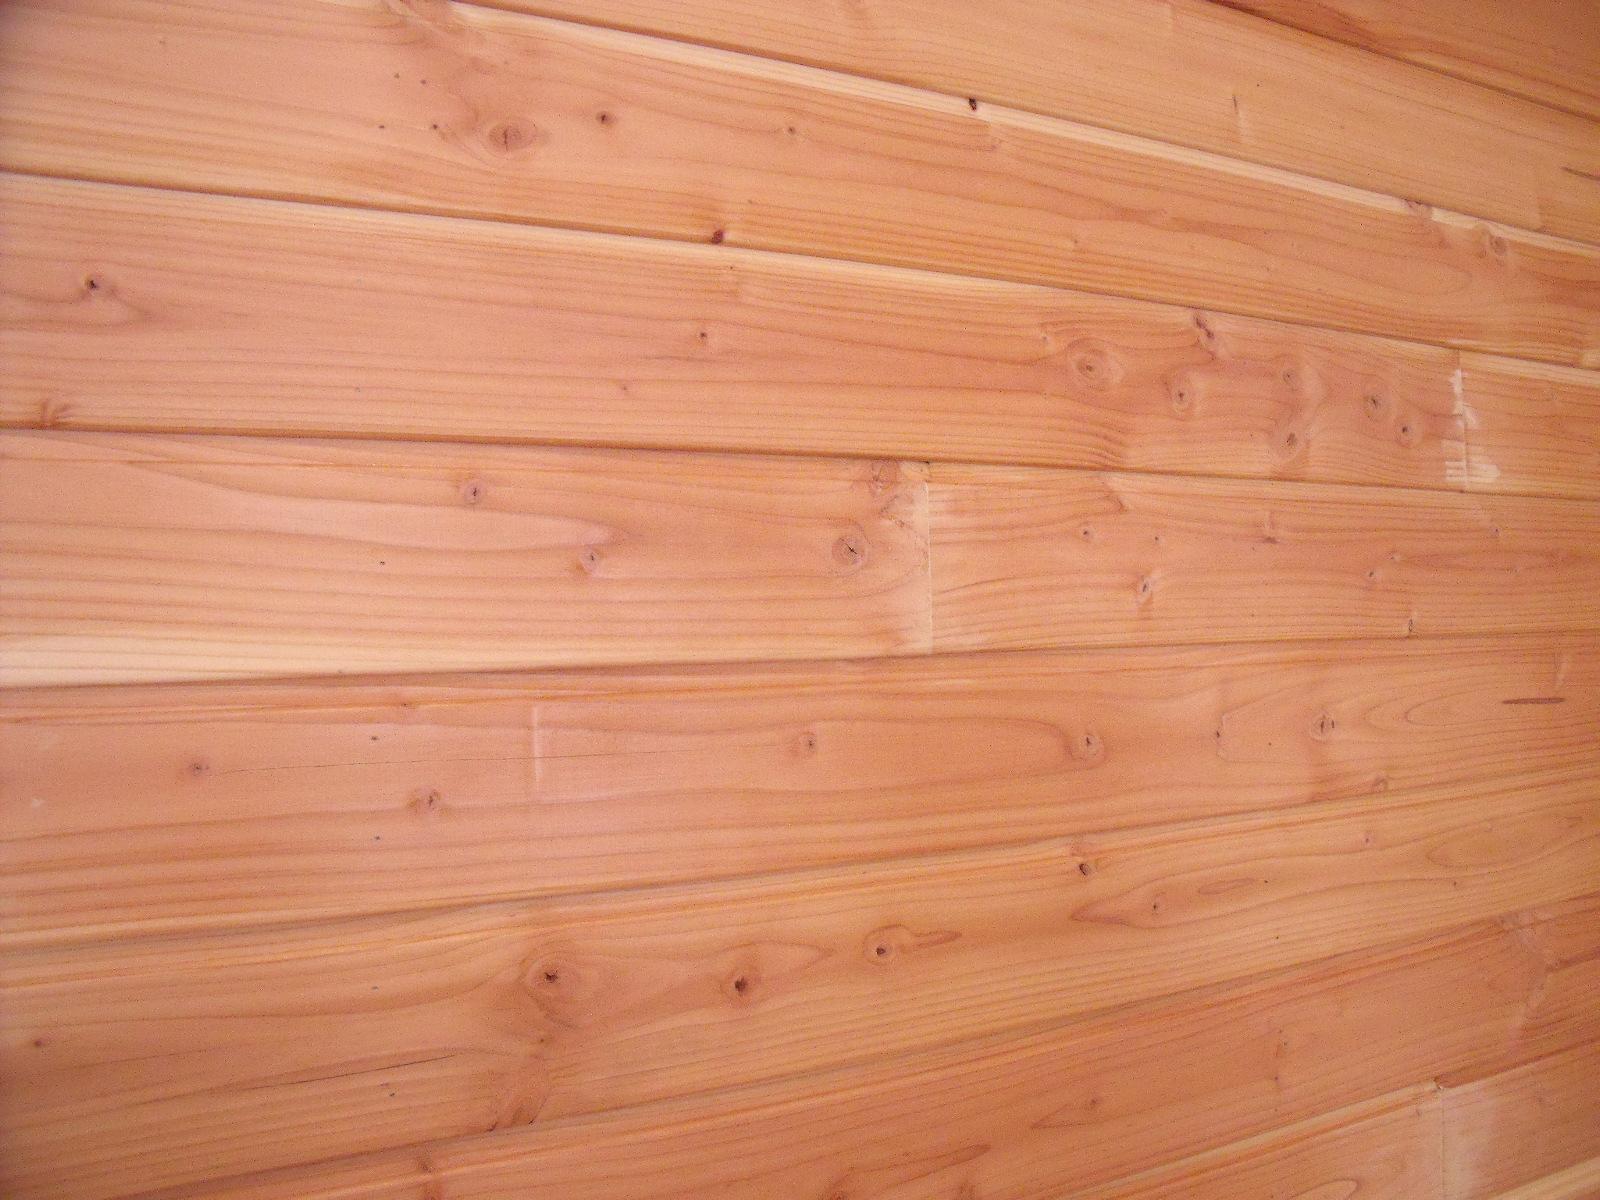 Tasseau Bois Exotique Exterieur avh bois - spécialiste de la construction bois douglas